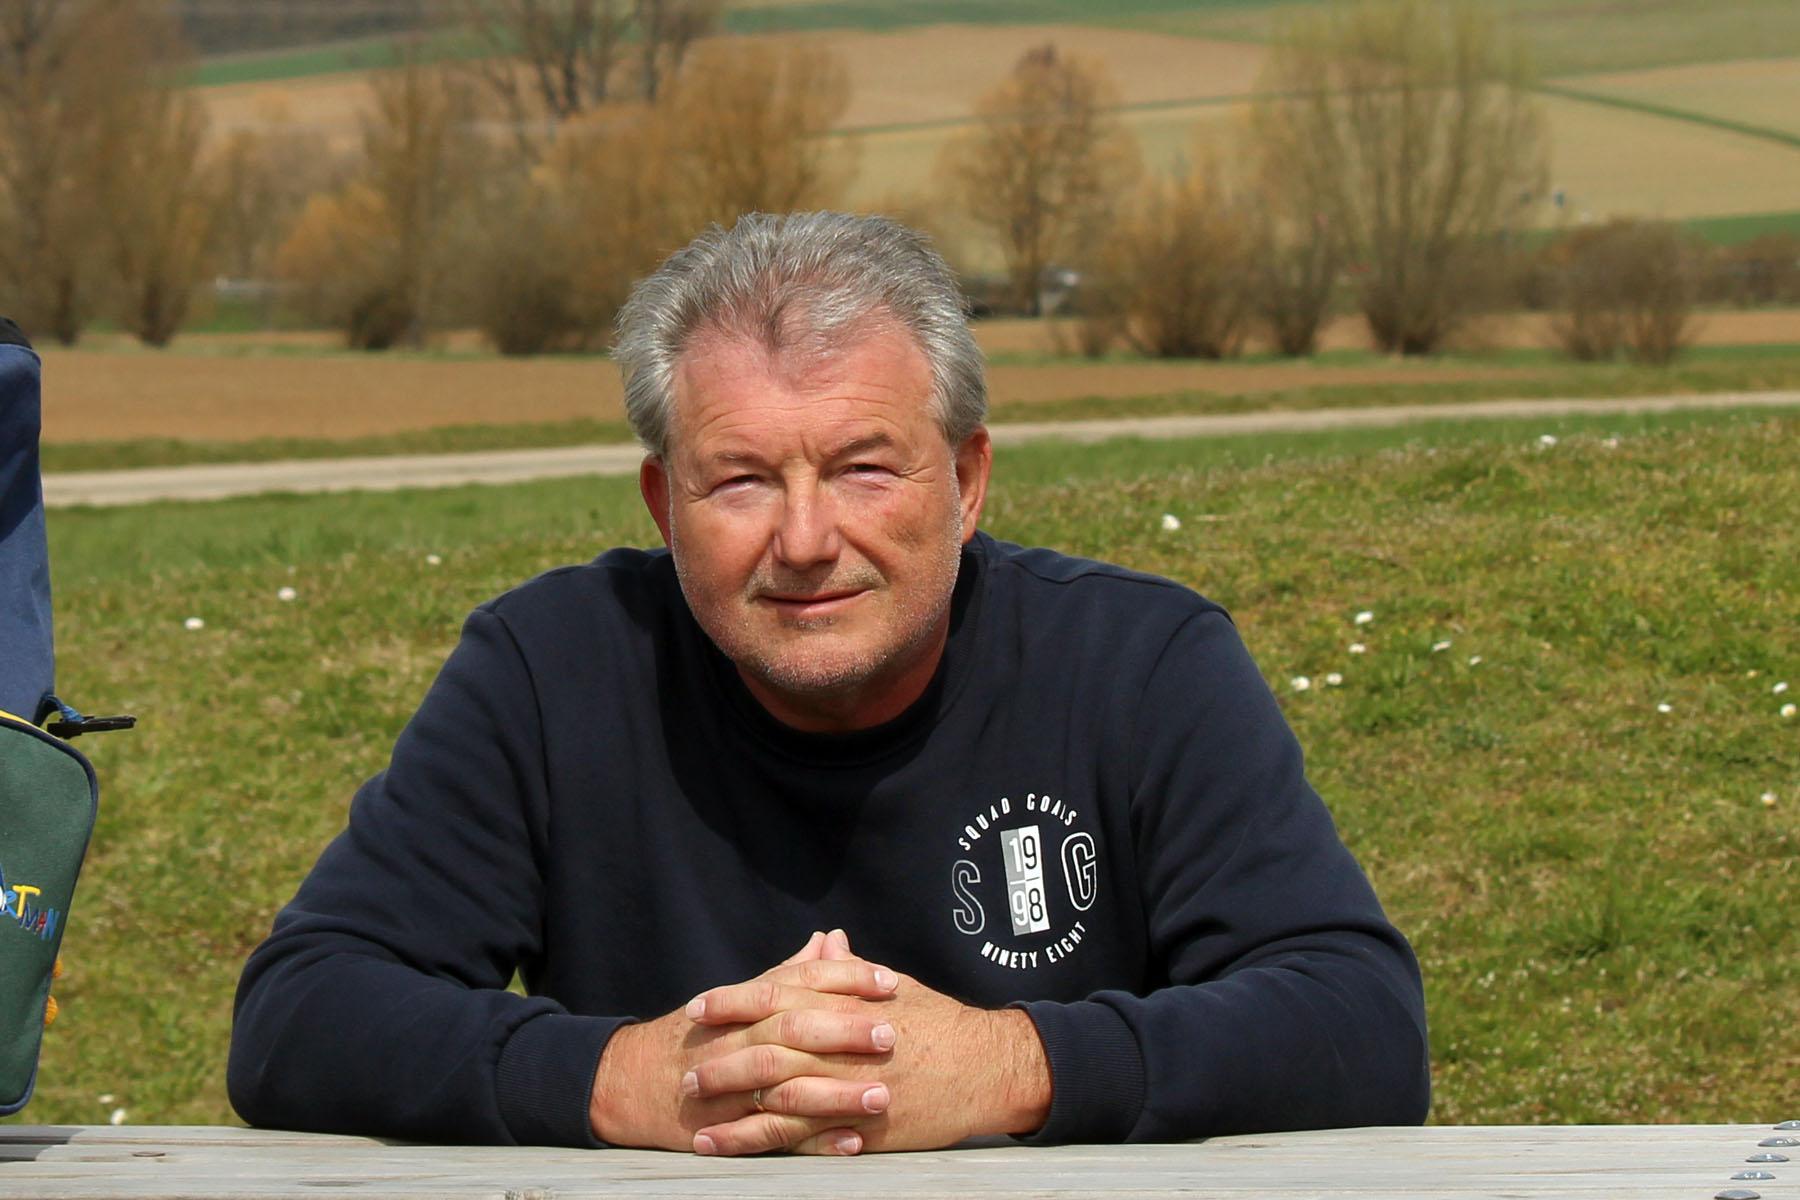 Artur Schmitt am 9. April 2021